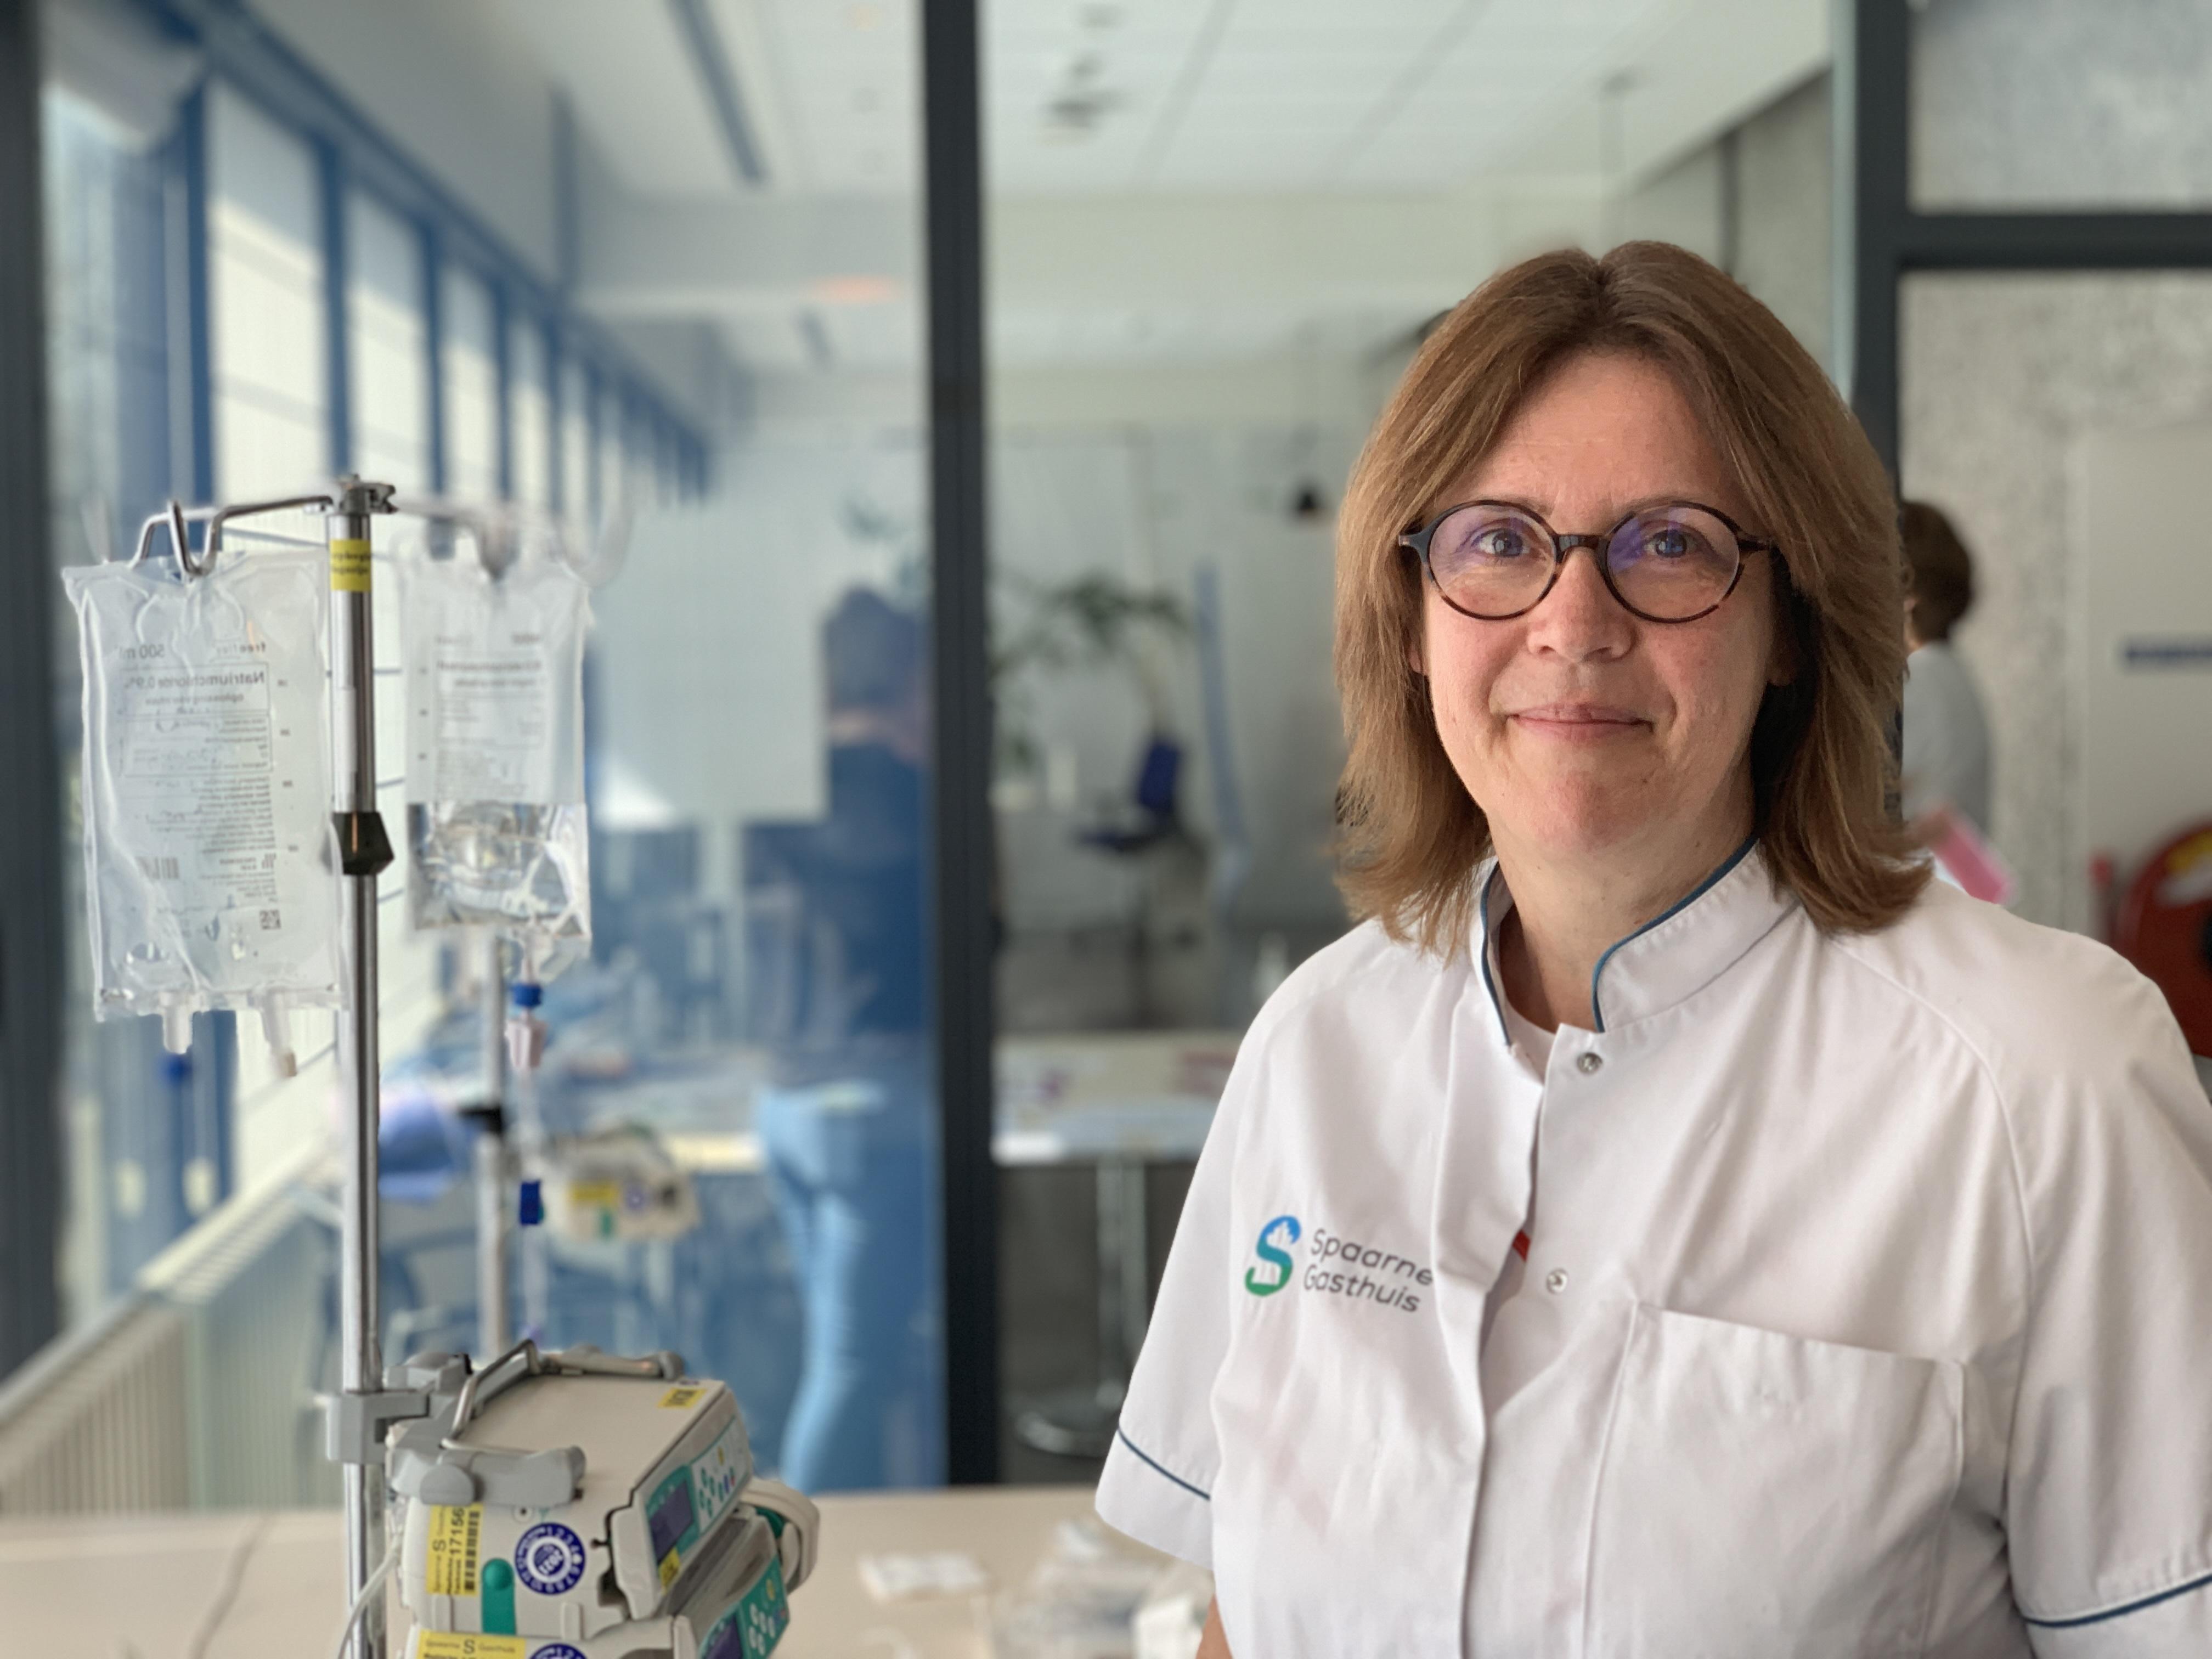 Suzanne Pieters (52 en kwaliteitsfunctionaris) werkt in de coronazorg